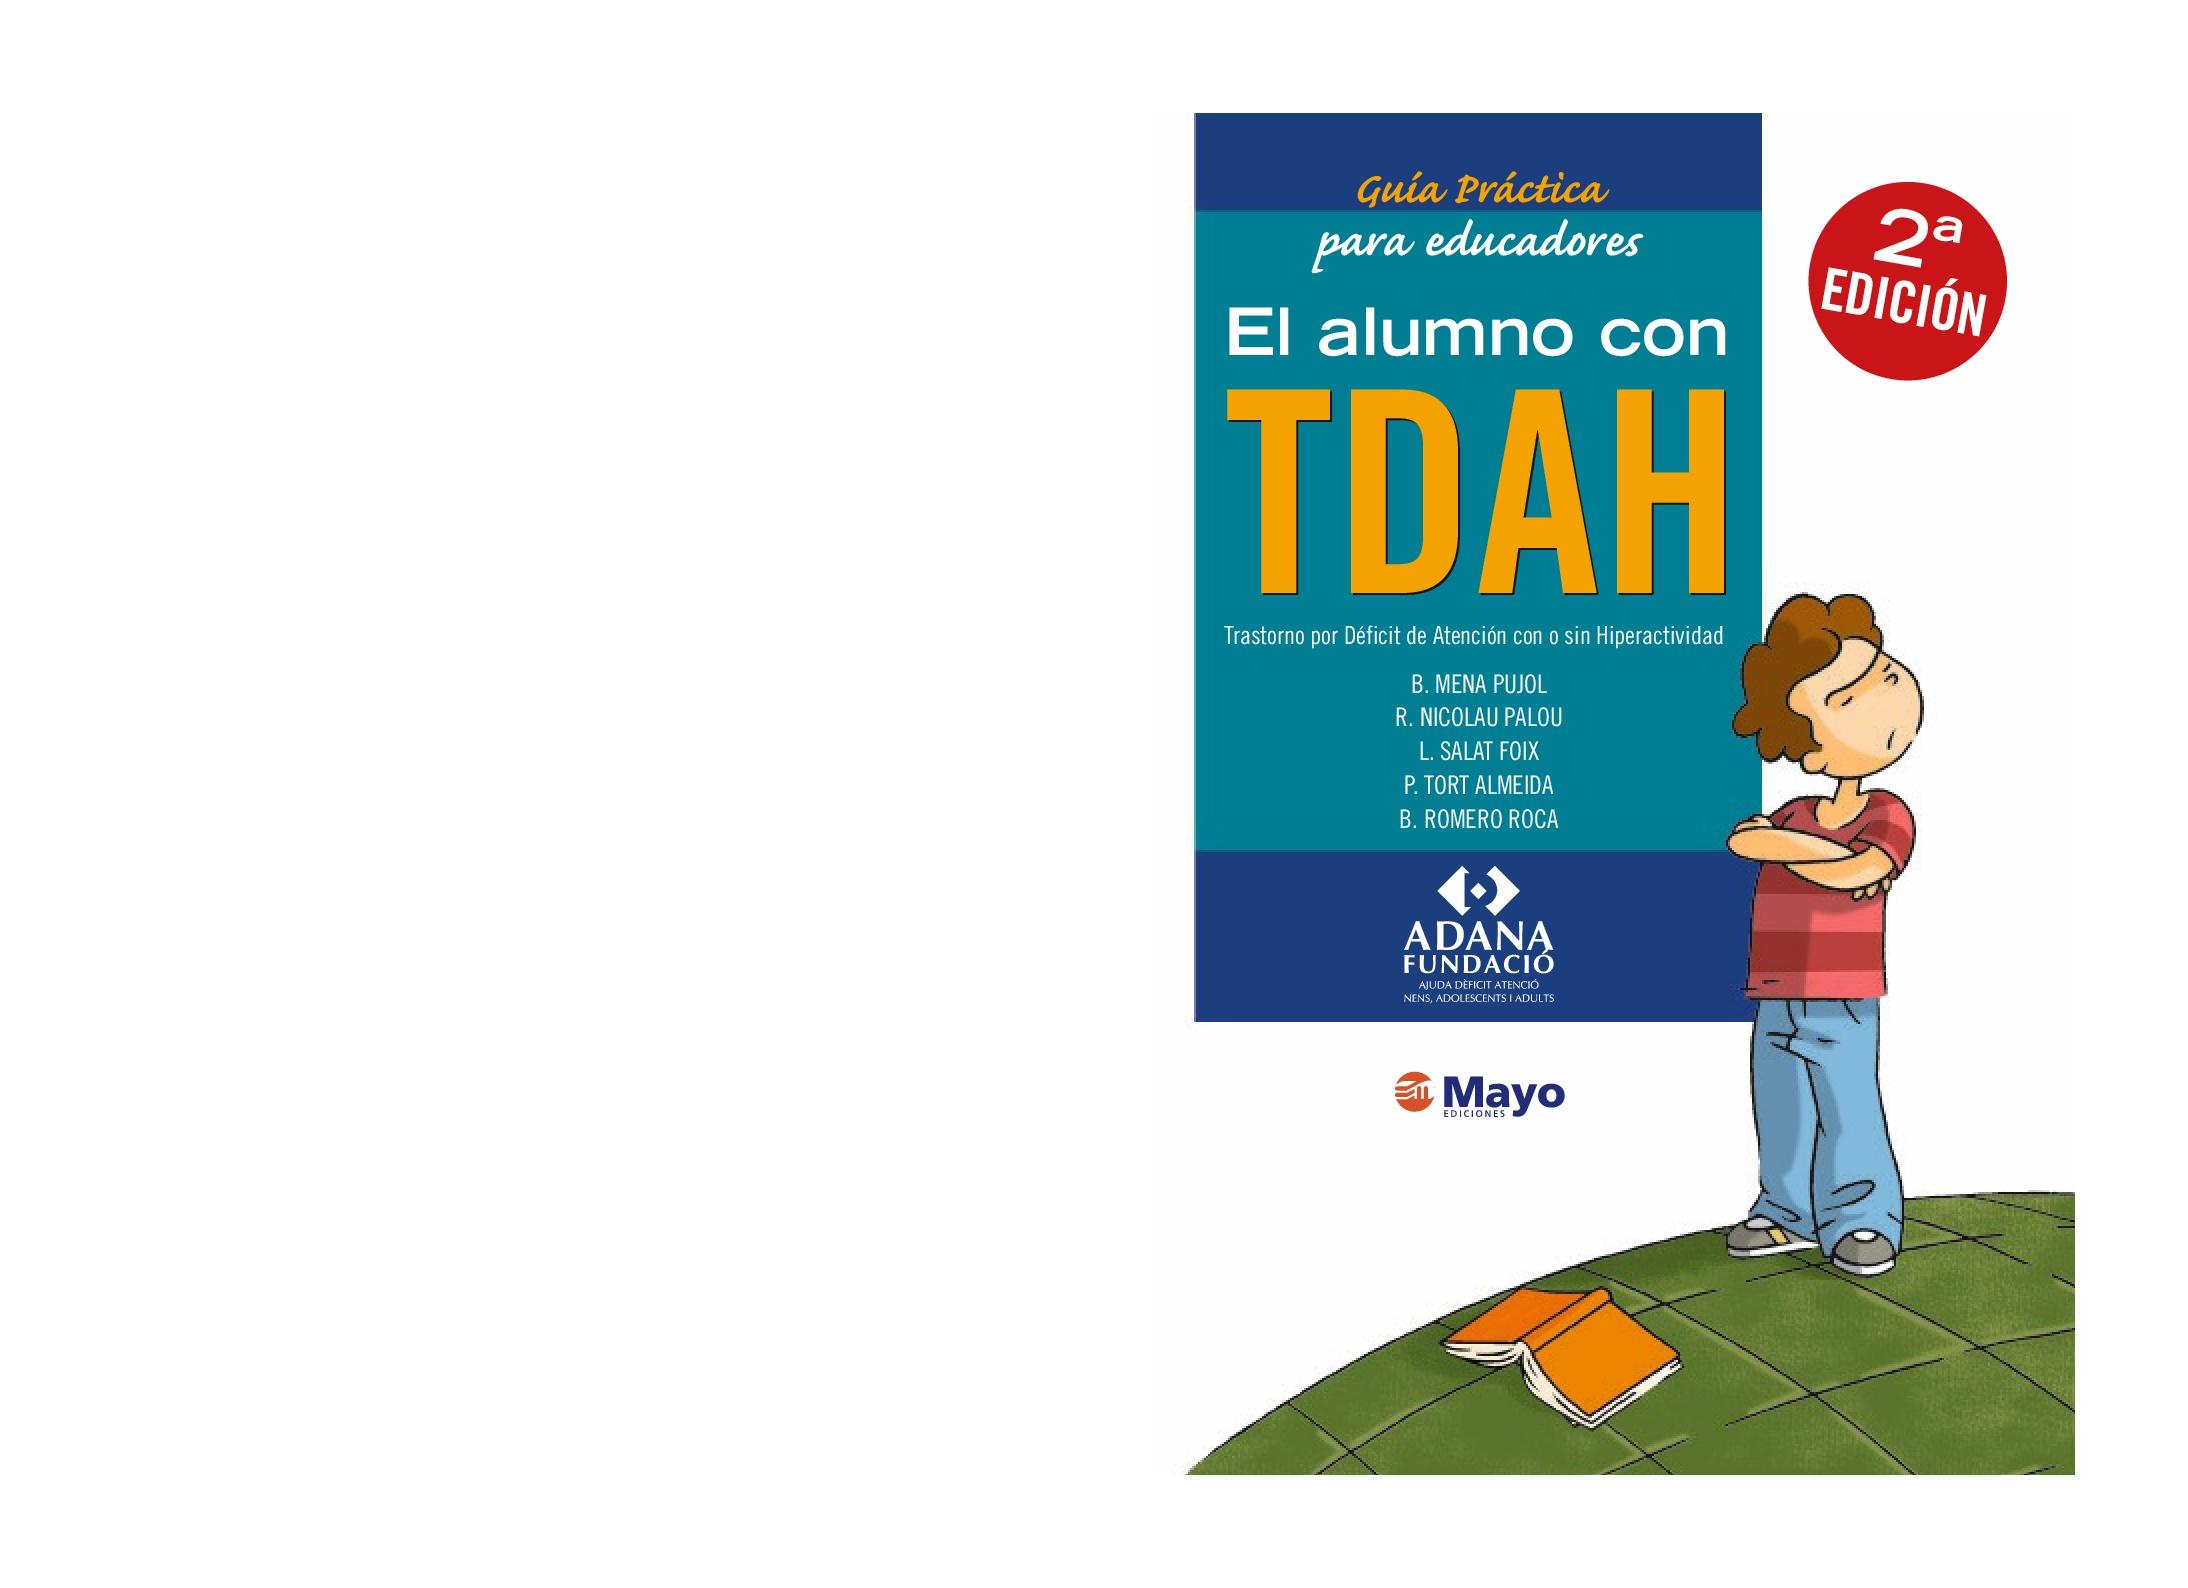 Guia-practica-para-educadores—El-alumno-con-TDAH-001